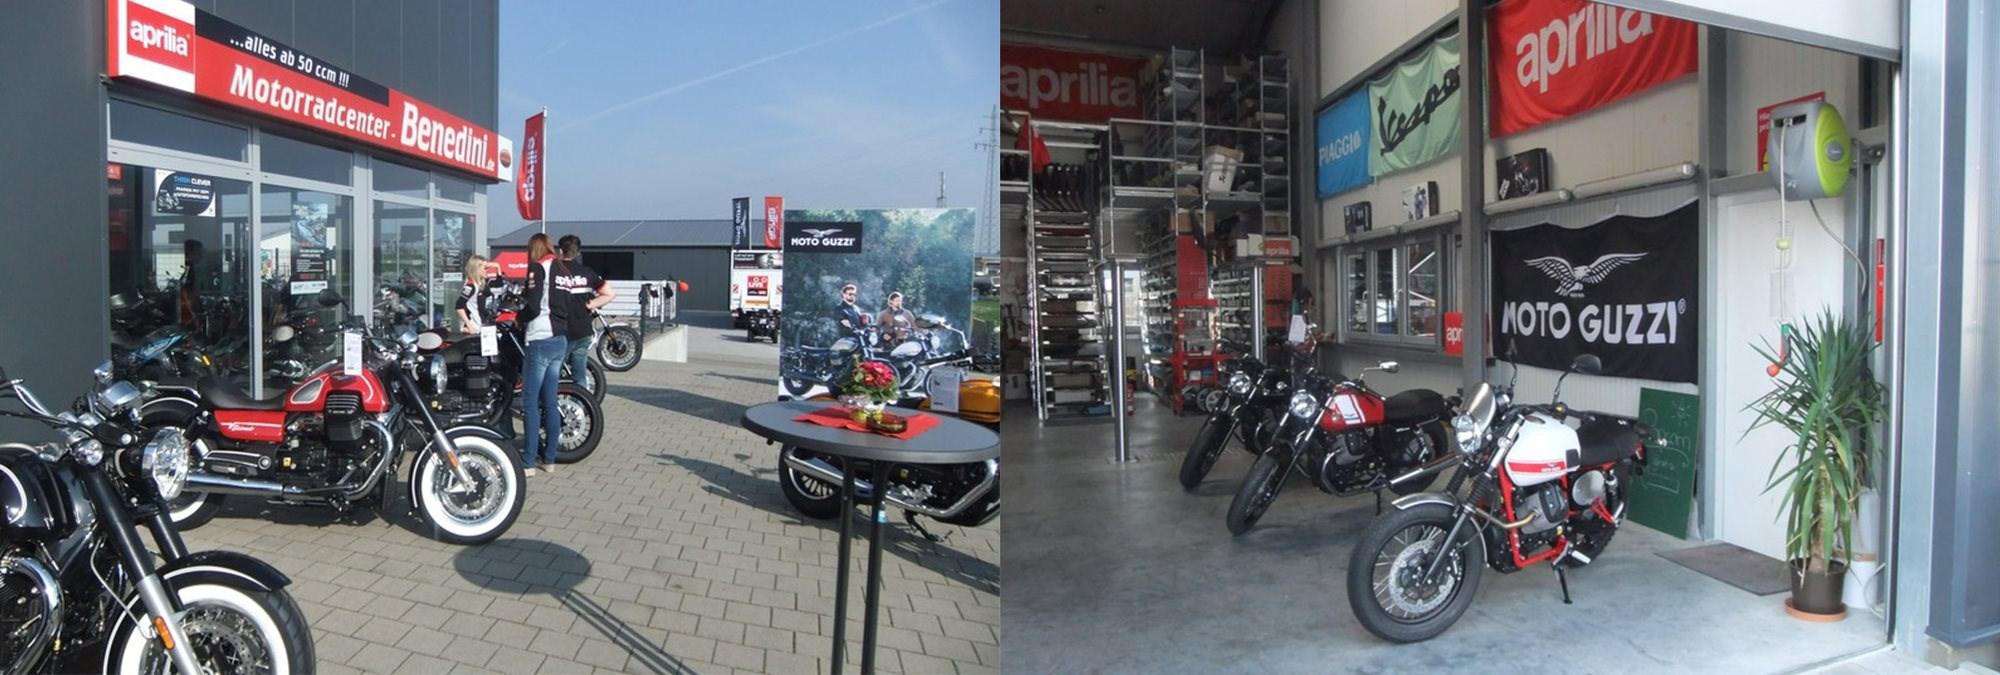 Aprilia, Moto Guzzi, Piaggio, Vespa und TGB ATV / Quad Vertragshändler, Motorradwerkstatt, KFZ- Meisterbetrieb.